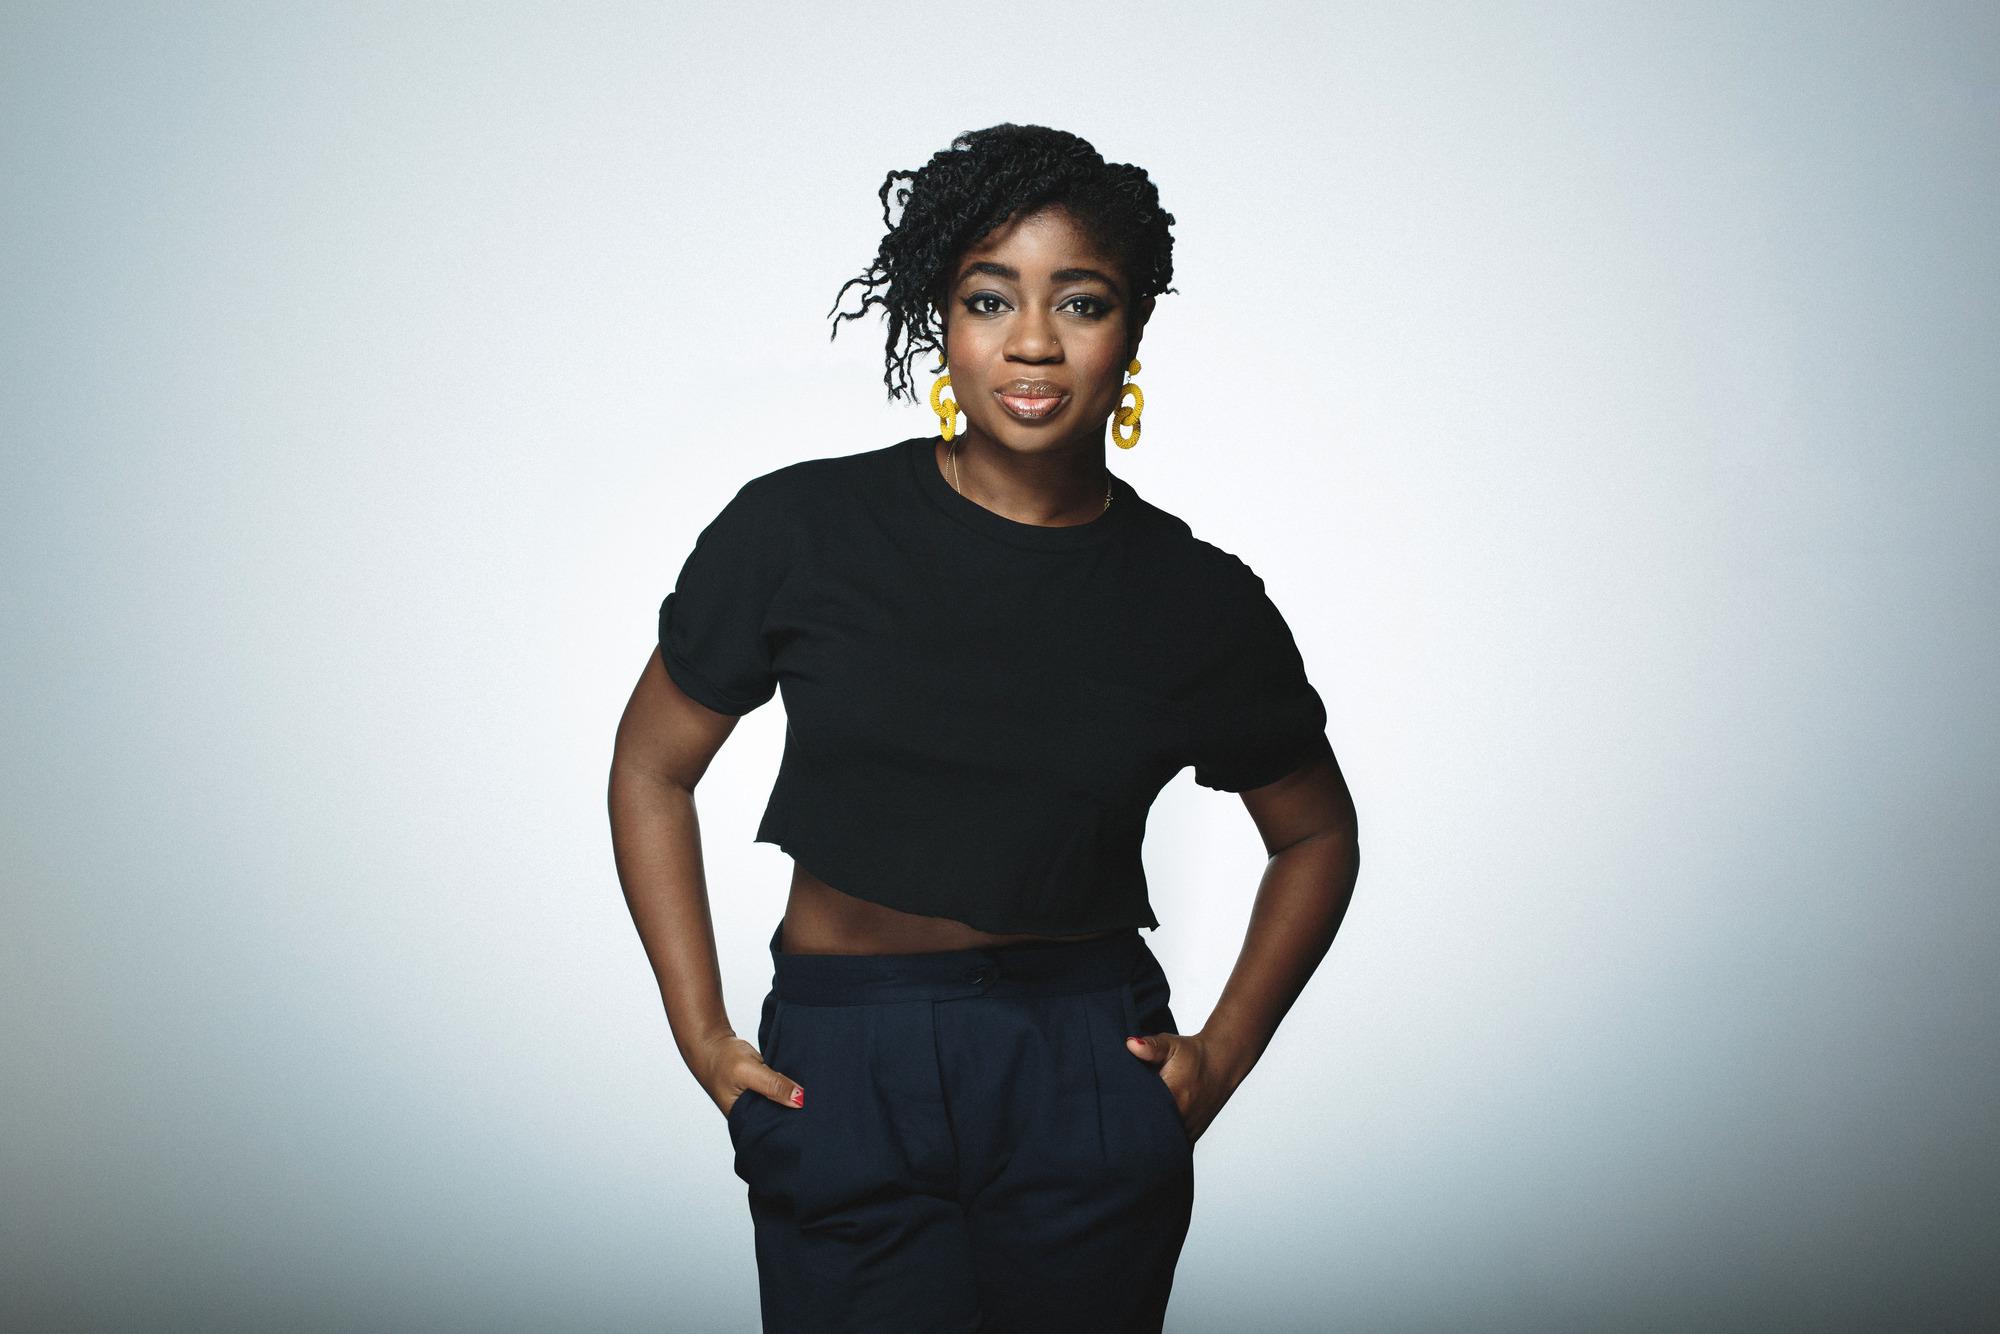 Clara Amfo Radio 1 DJ joins Strictly